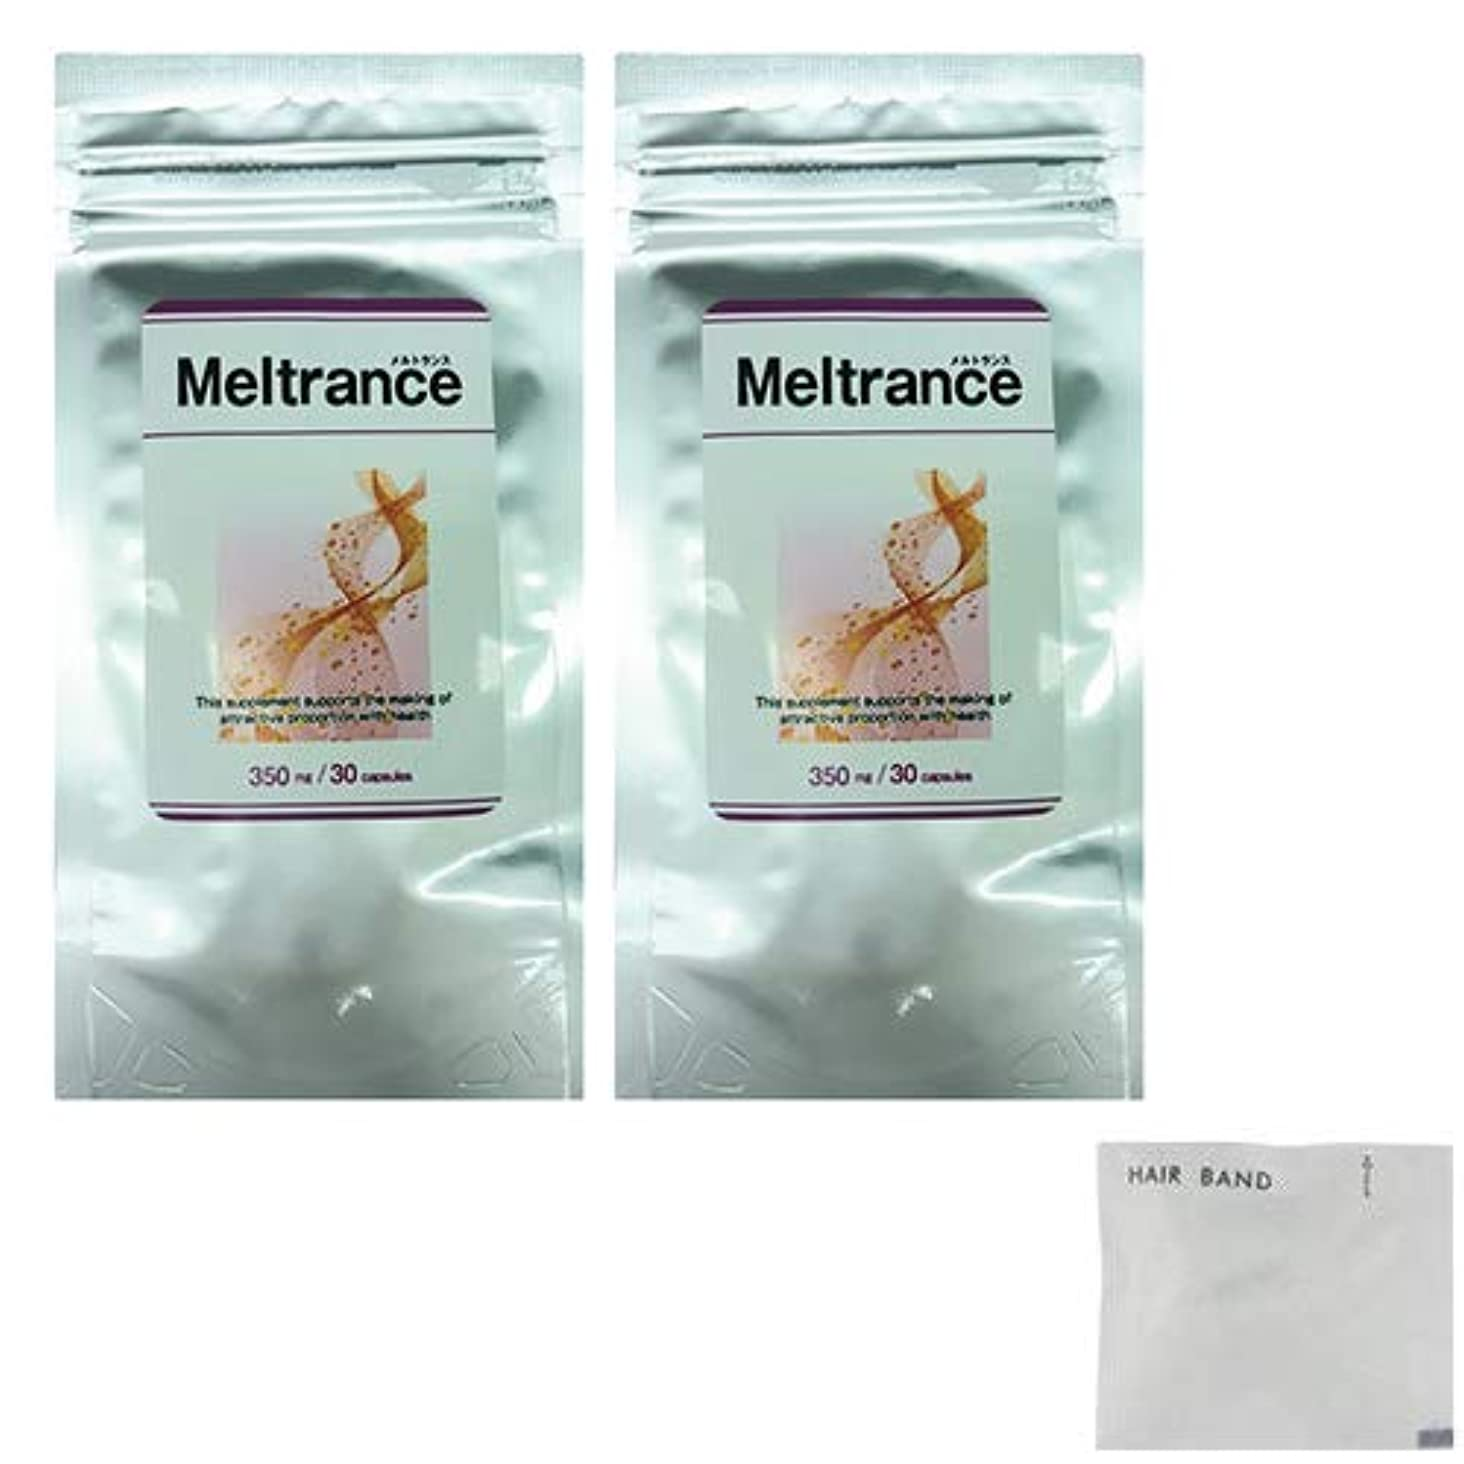 円形の折タイルメルトランス(Meltrance) サプリメント 30粒×2個 + ヘアゴム(カラーはおまかせ)セット